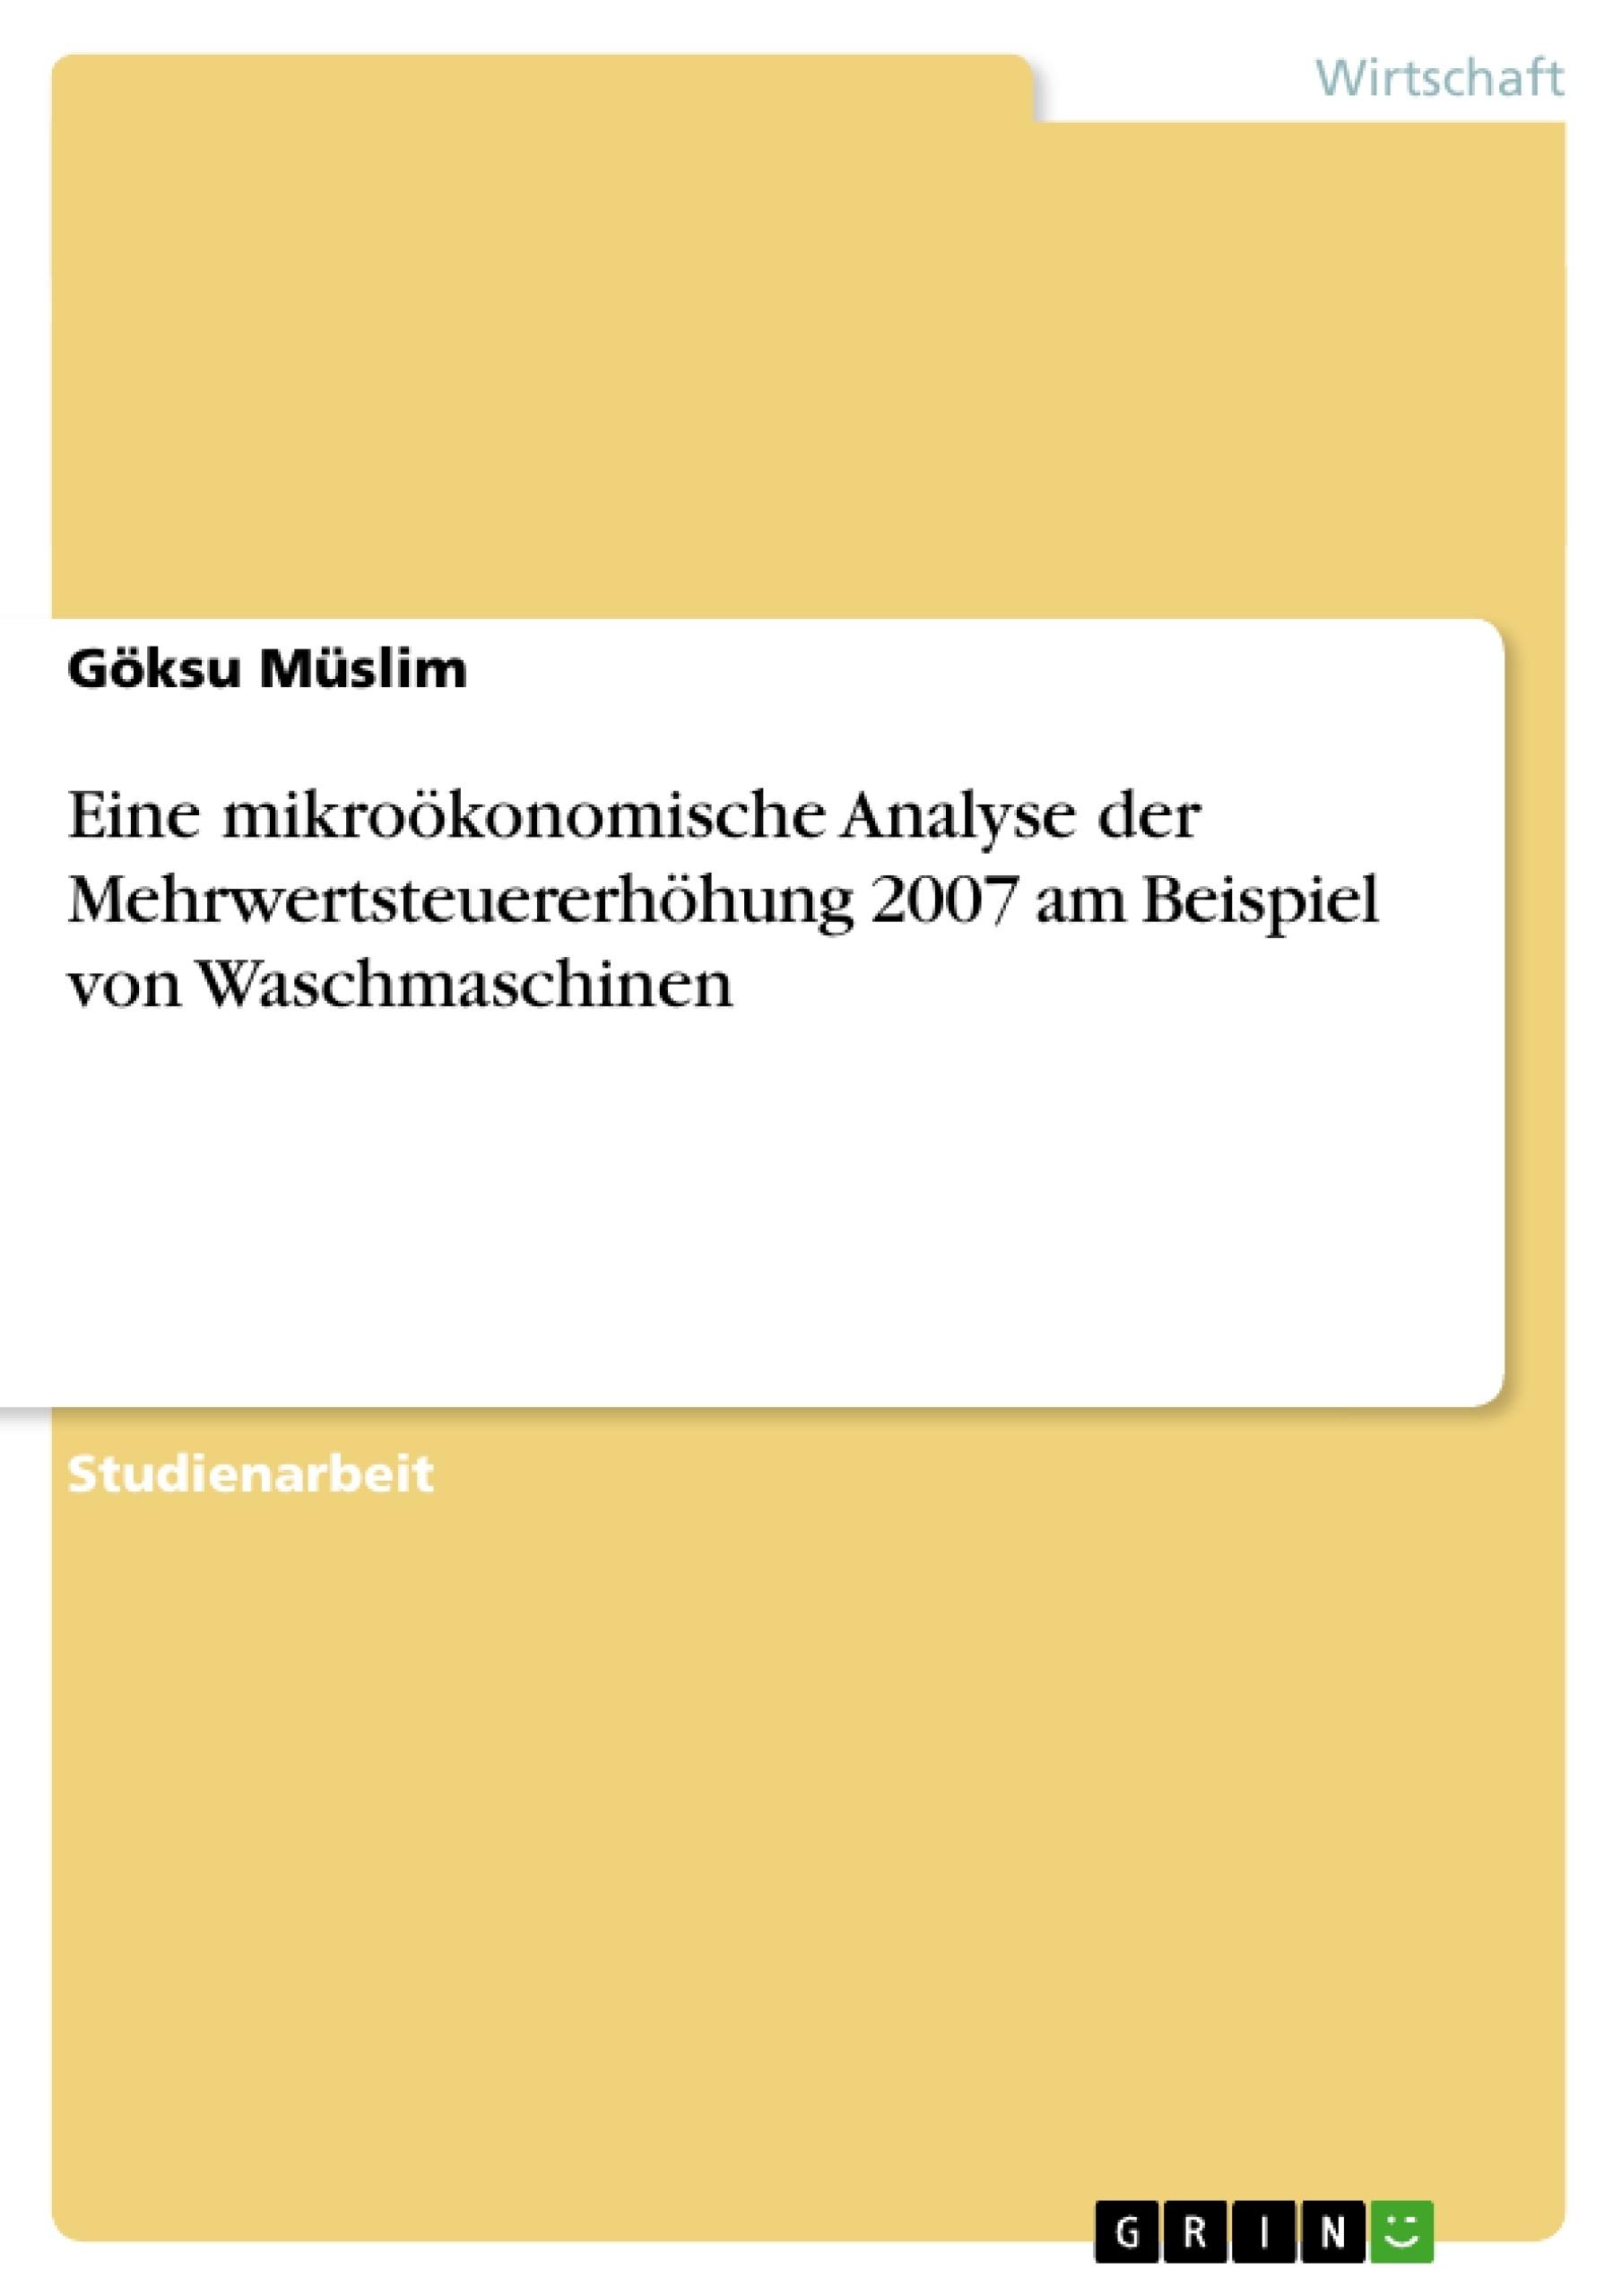 Titel: Eine mikroökonomische Analyse der Mehrwertsteuererhöhung 2007 am Beispiel von Waschmaschinen